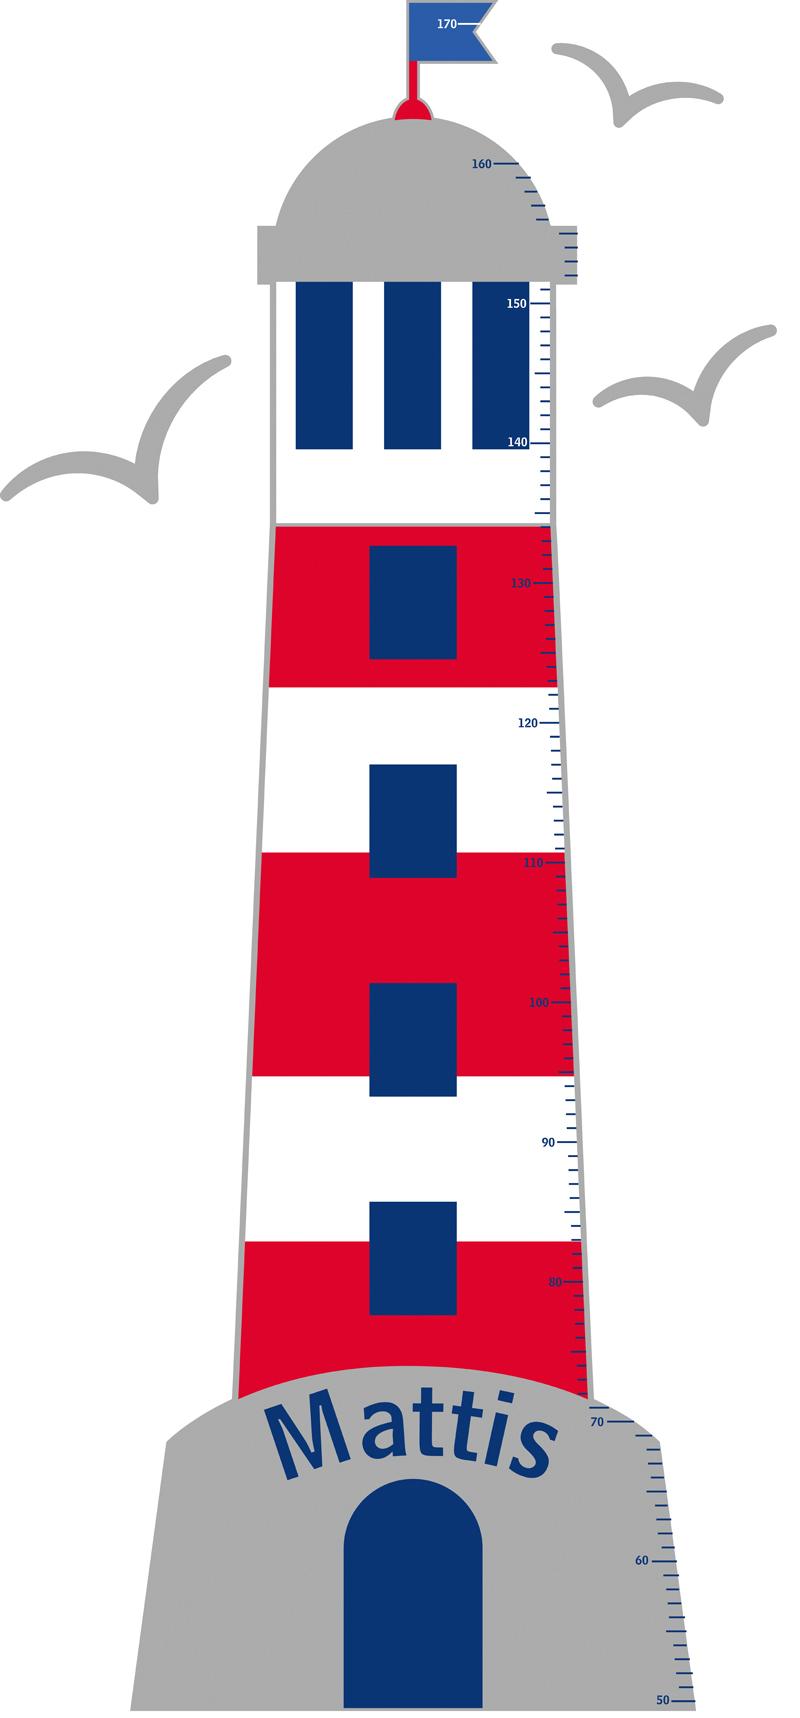 selbstklebende Kindermesslatte Leuchtturm in rot und blau mit drei Möwen - personalisierbar mit Name